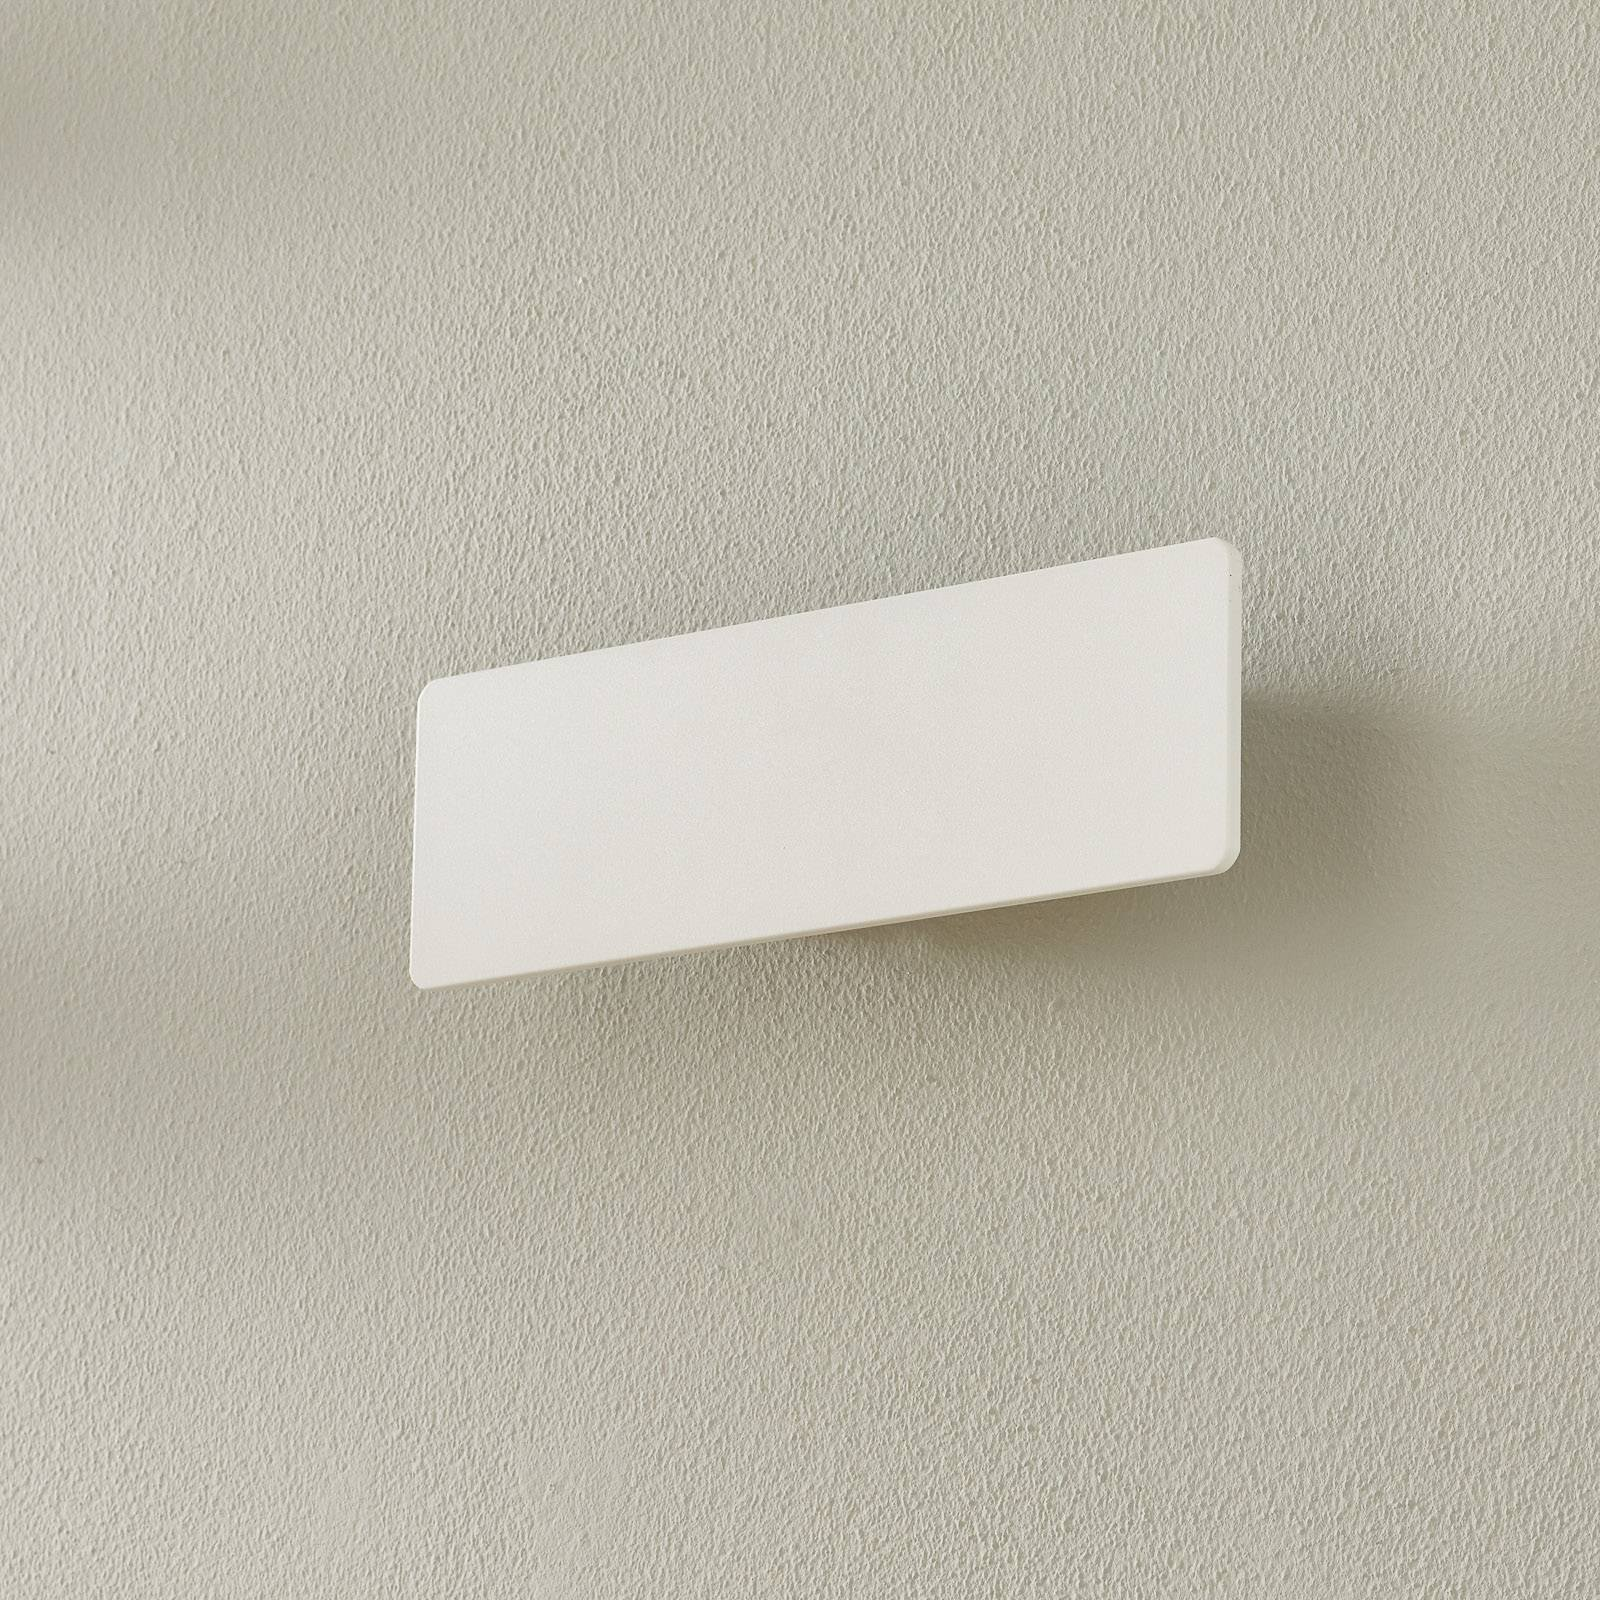 LED-vegglampe Zig Zag, hvit, bredde 29 cm